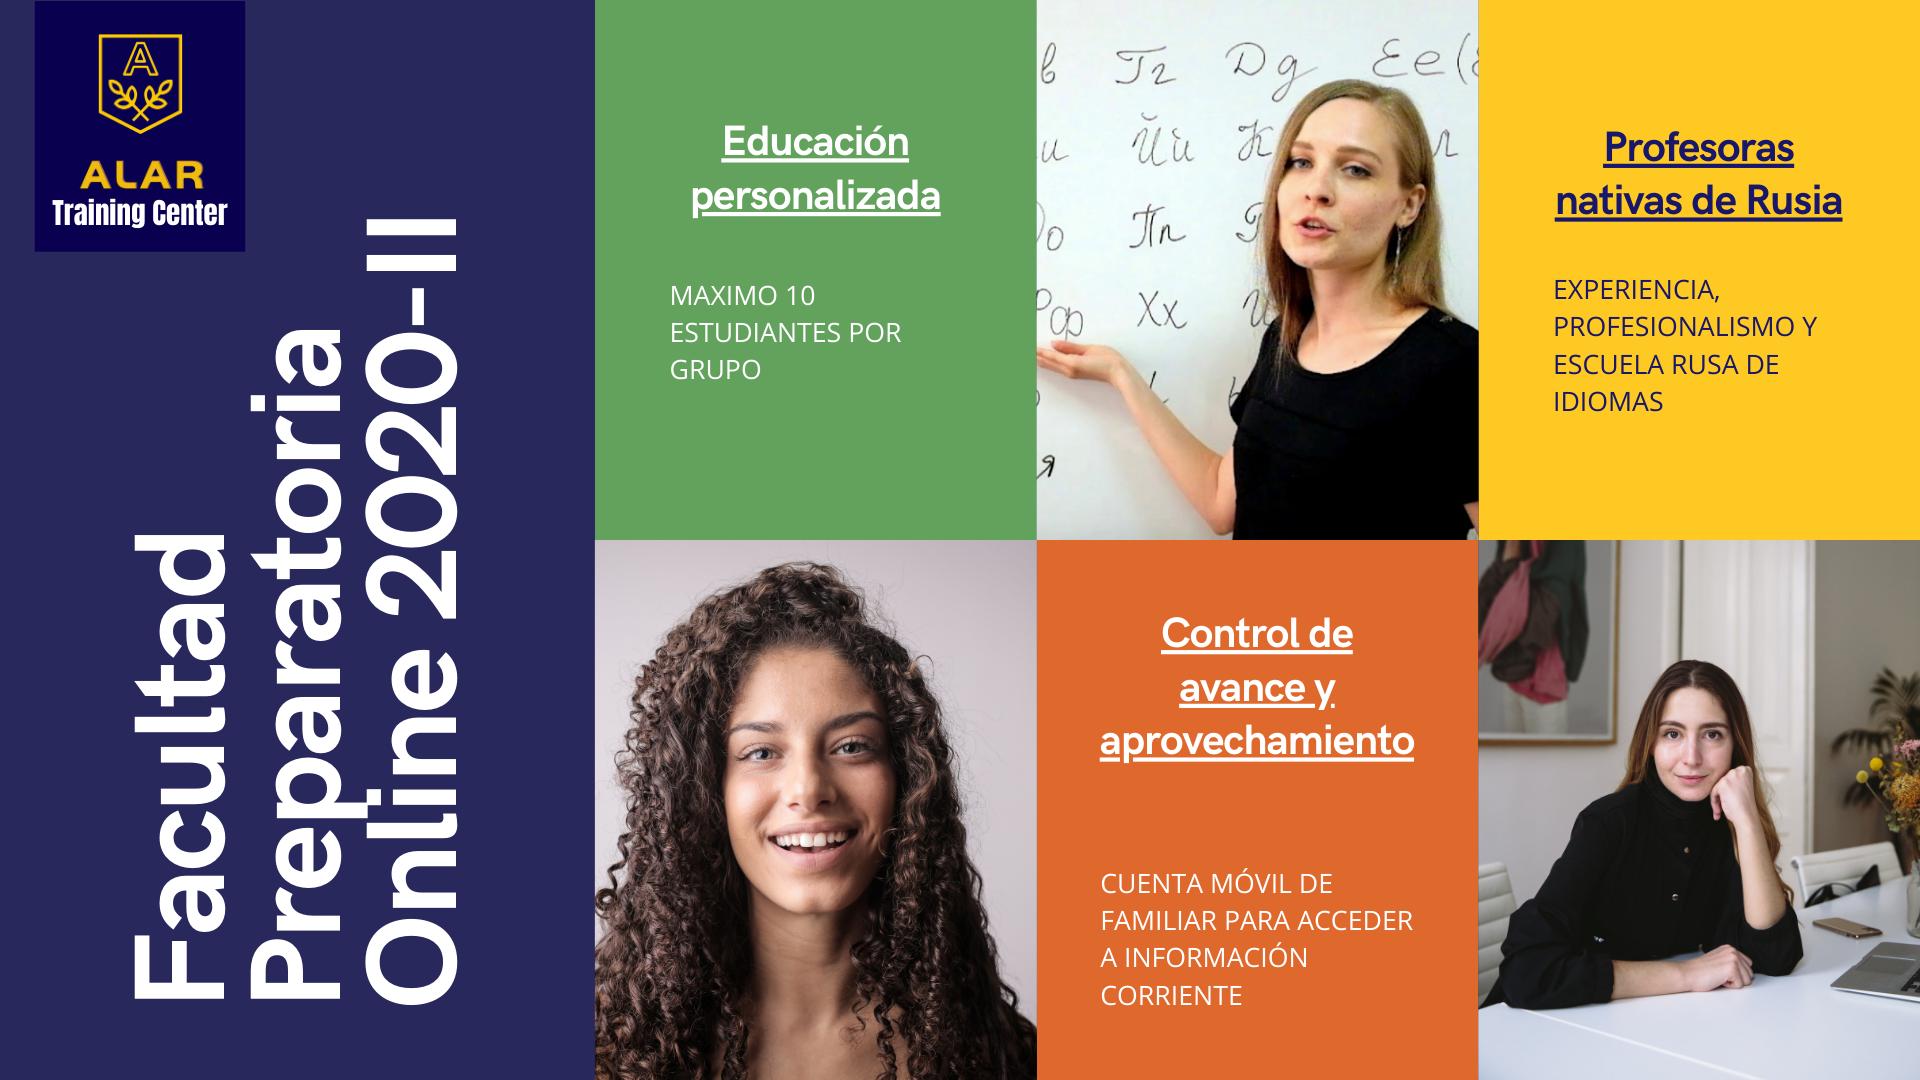 Anuncio importante: ALAR continúa las inscripciones para su Facultad Preparatoria Online 2020-II para poder estudiar en Rusia.